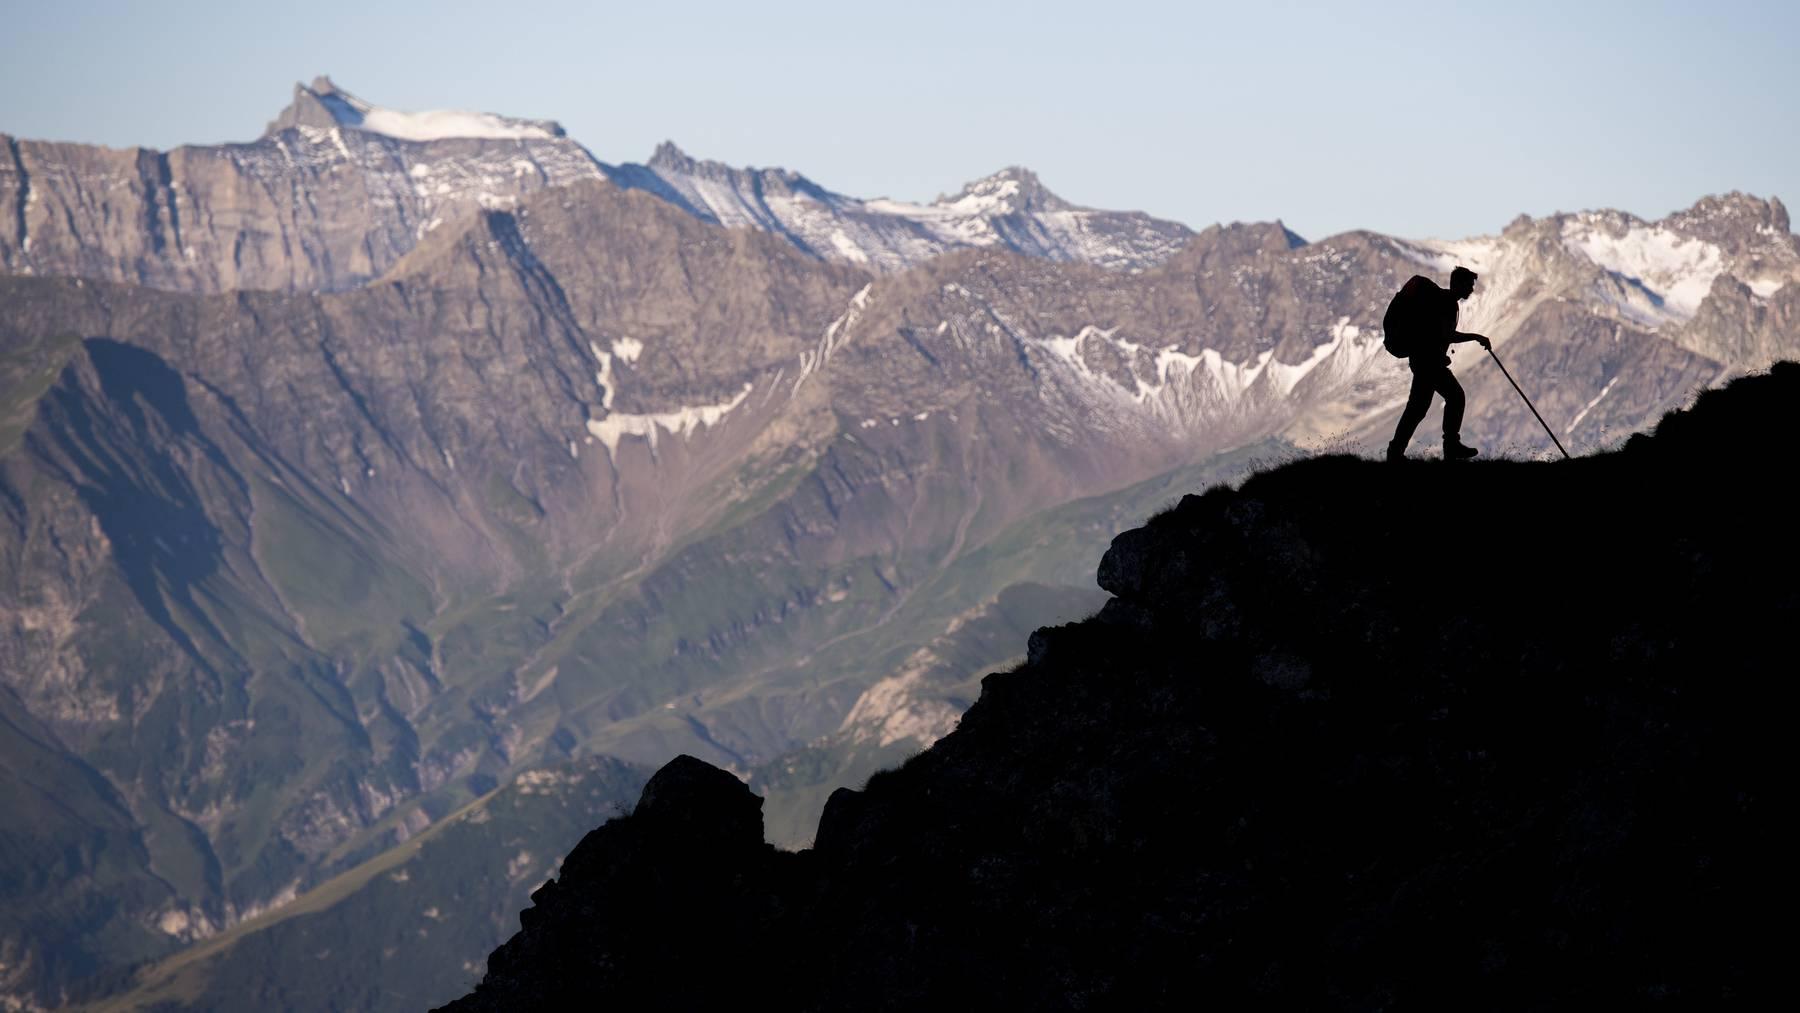 Wandern ist beliebt – besonders in den Bergen. Dort dürfte es wegen des Klimawandels jedoch gefährlicher werden, warnen Forscher.